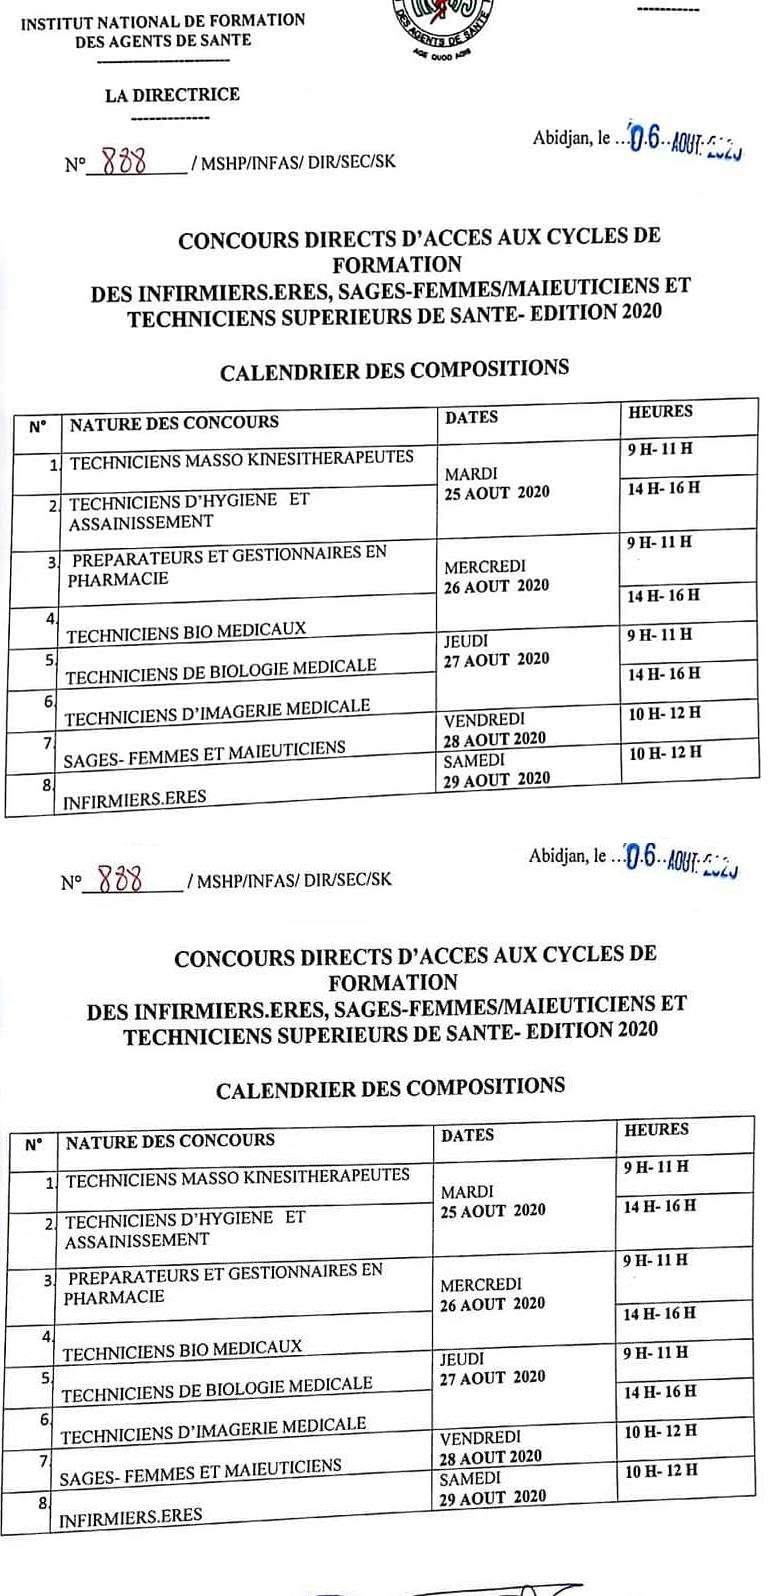 INFAS 2020 : LES CALENDRIERS DE COMPOSITIONS